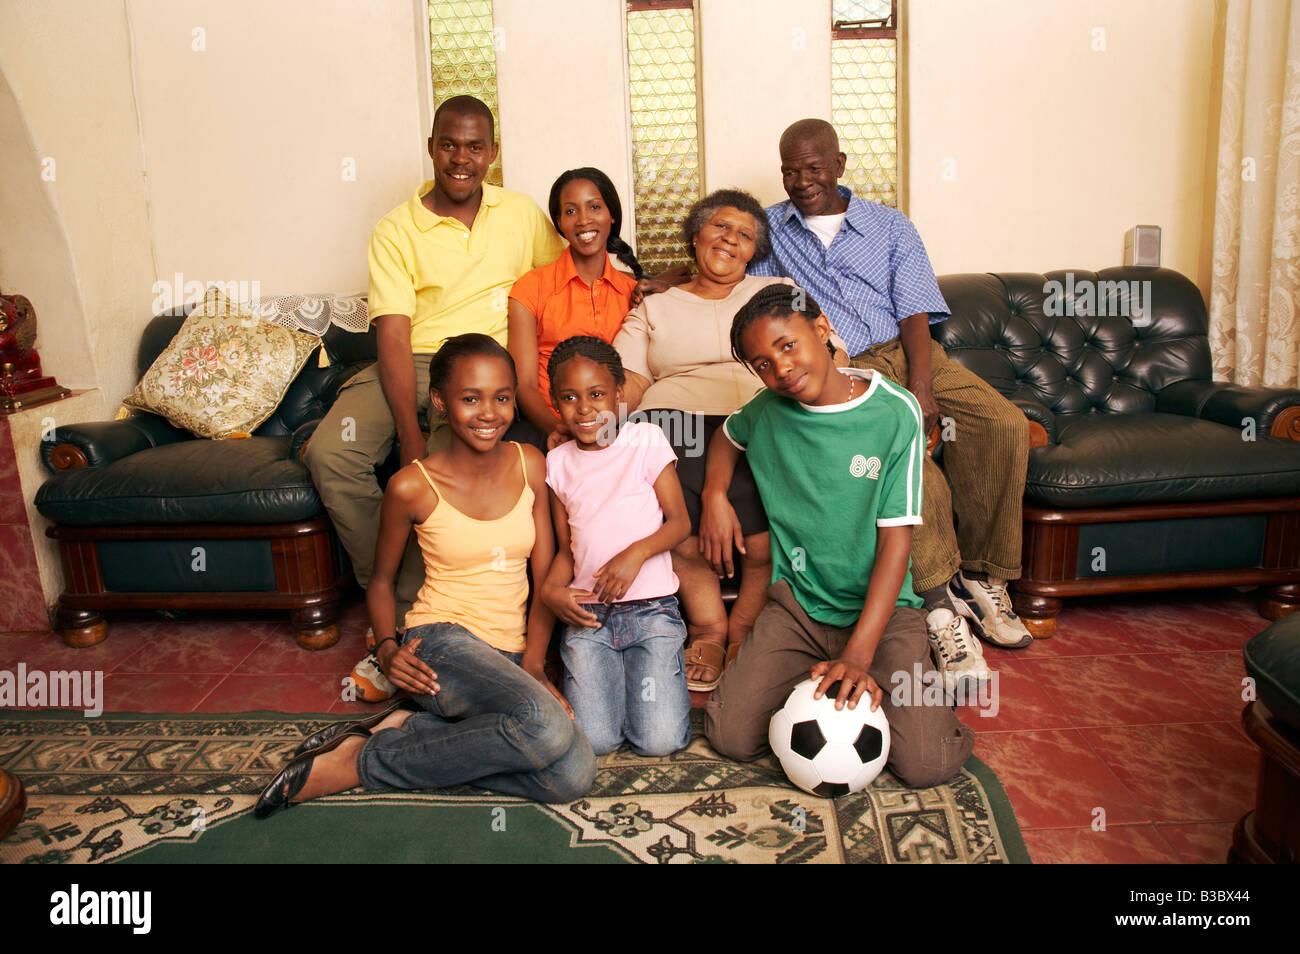 Afrikanische Familie Im Wohnzimmer